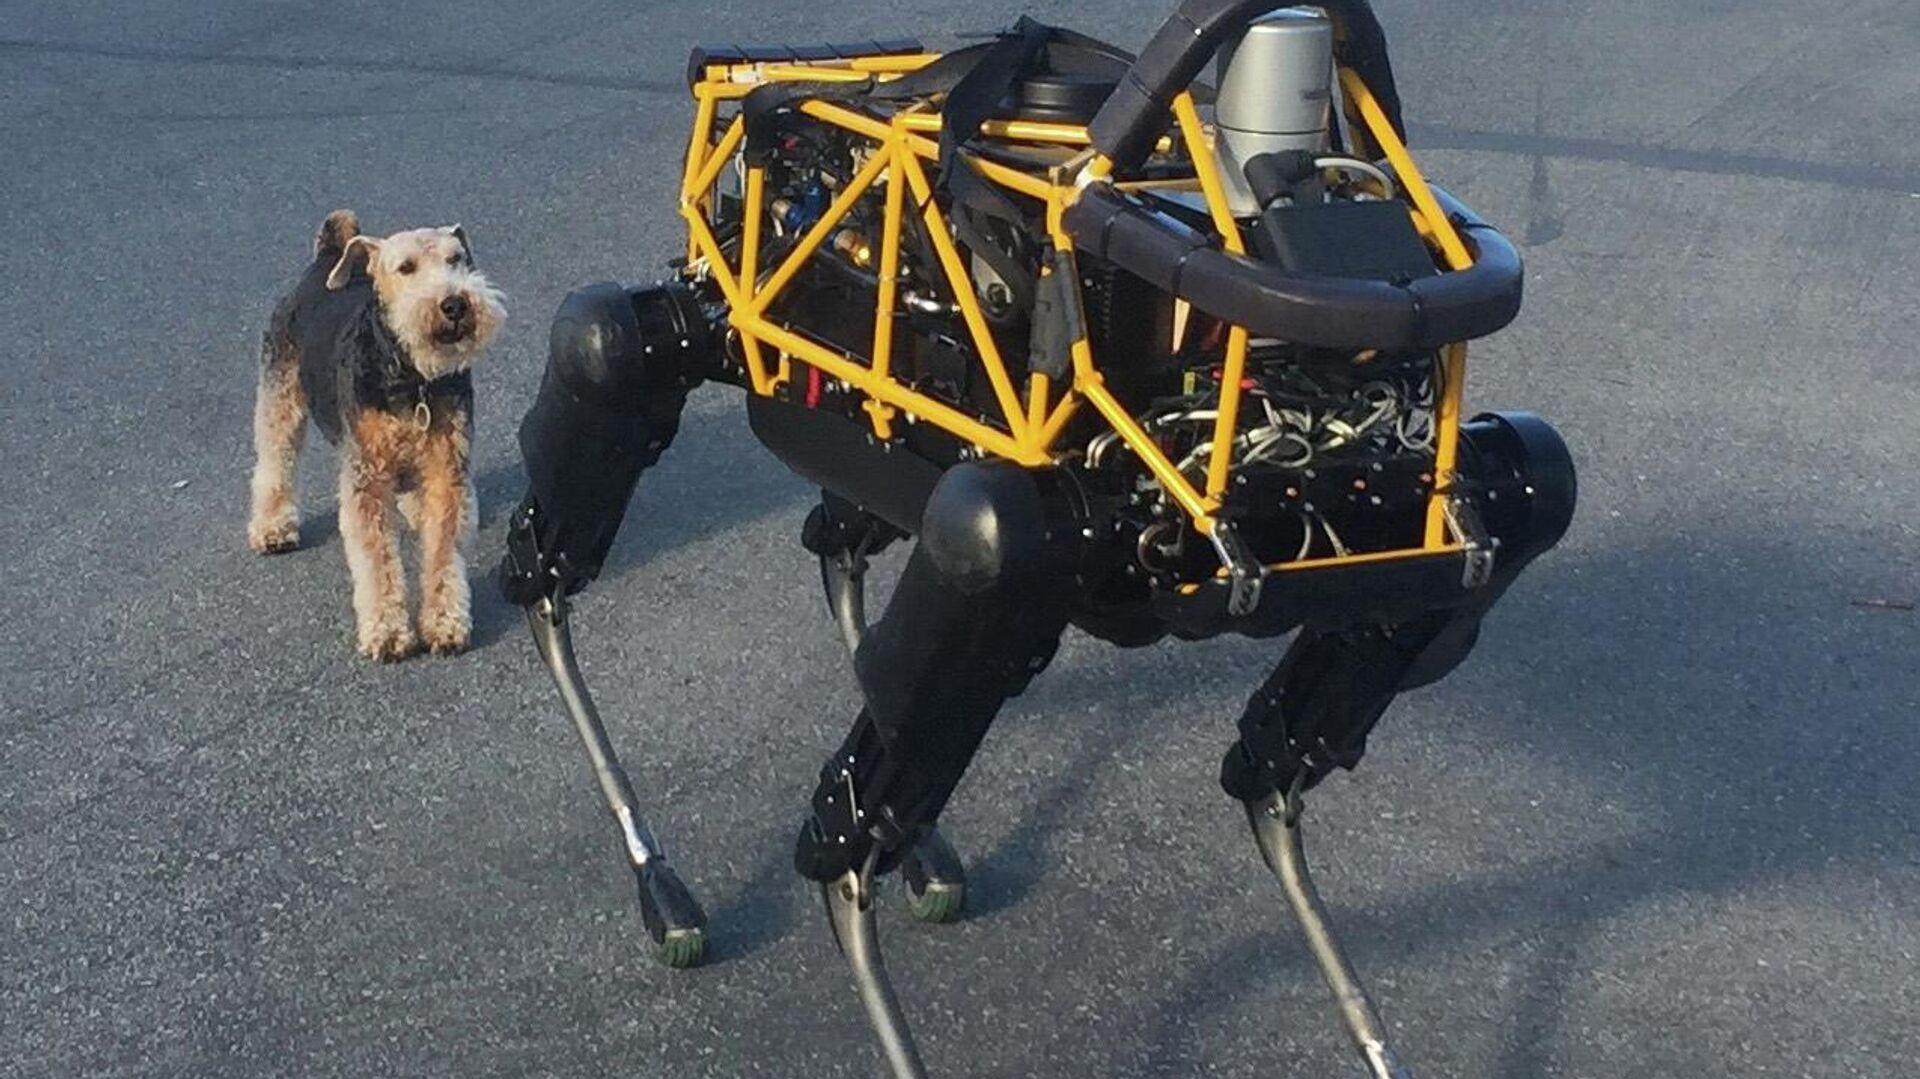 Пас робот - Sputnik Србија, 1920, 14.10.2021